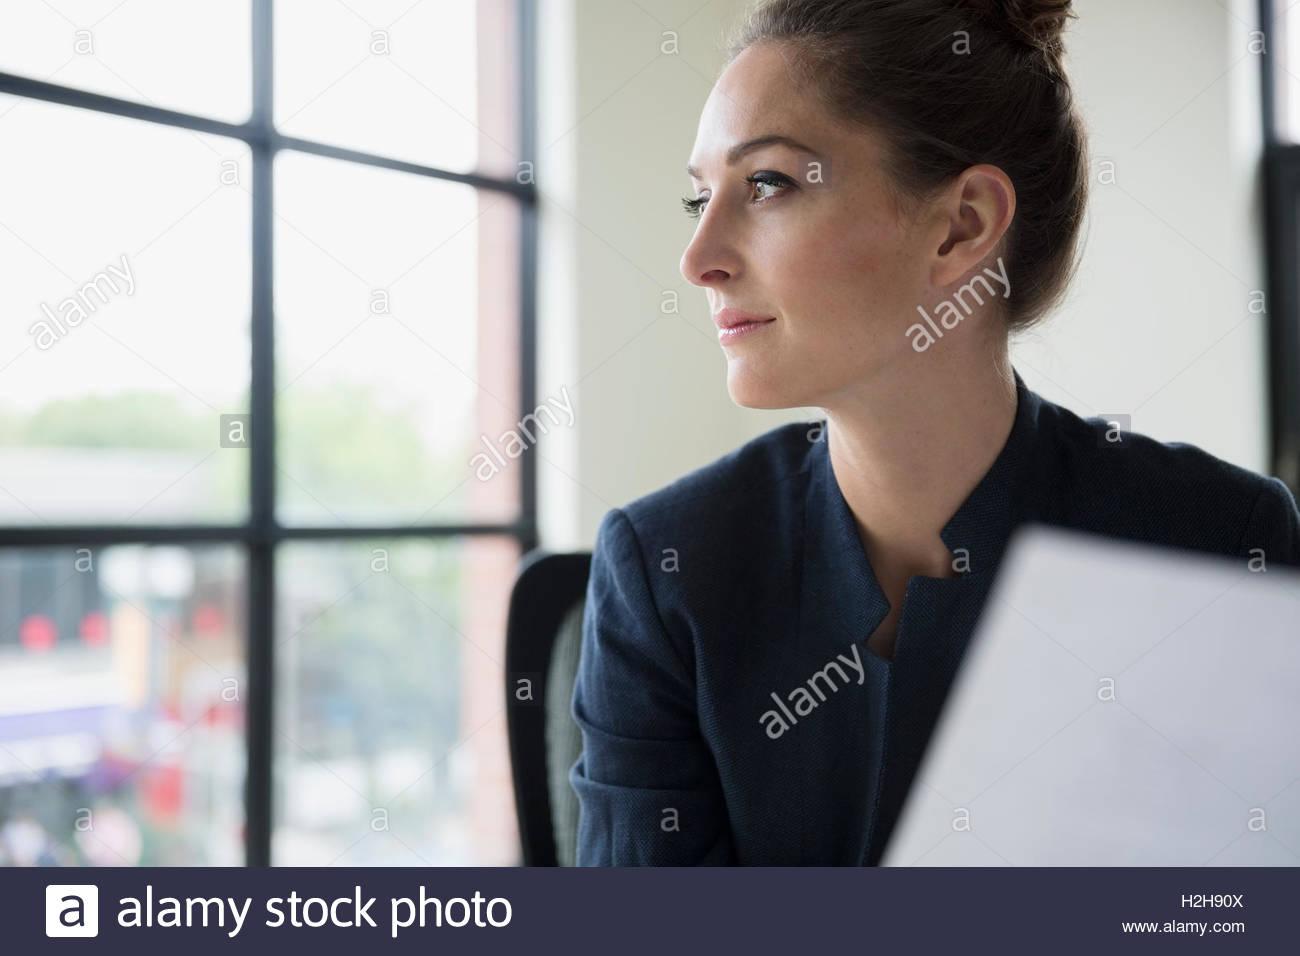 Malinconici imprenditrice con la documentazione a guardare fuori dalla finestra di ufficio Immagini Stock